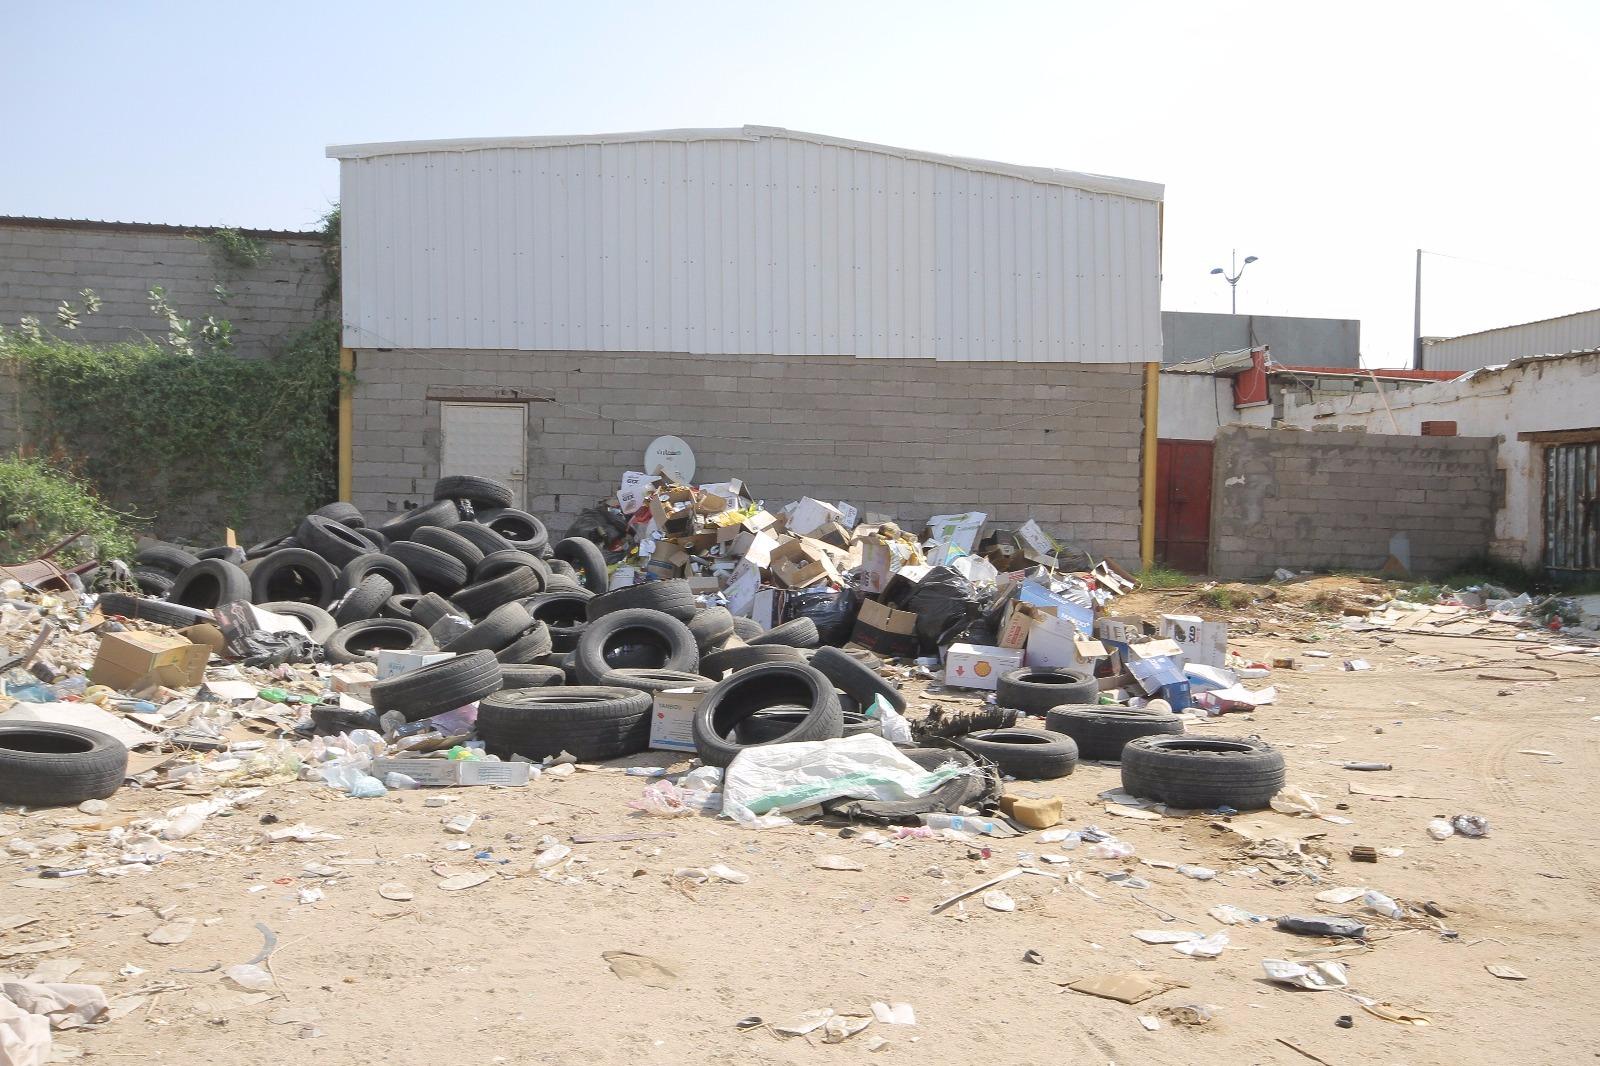 بالصور.. بلدية #القوز تُغلق 60 محلاً تجارياً مخالفاً (5)